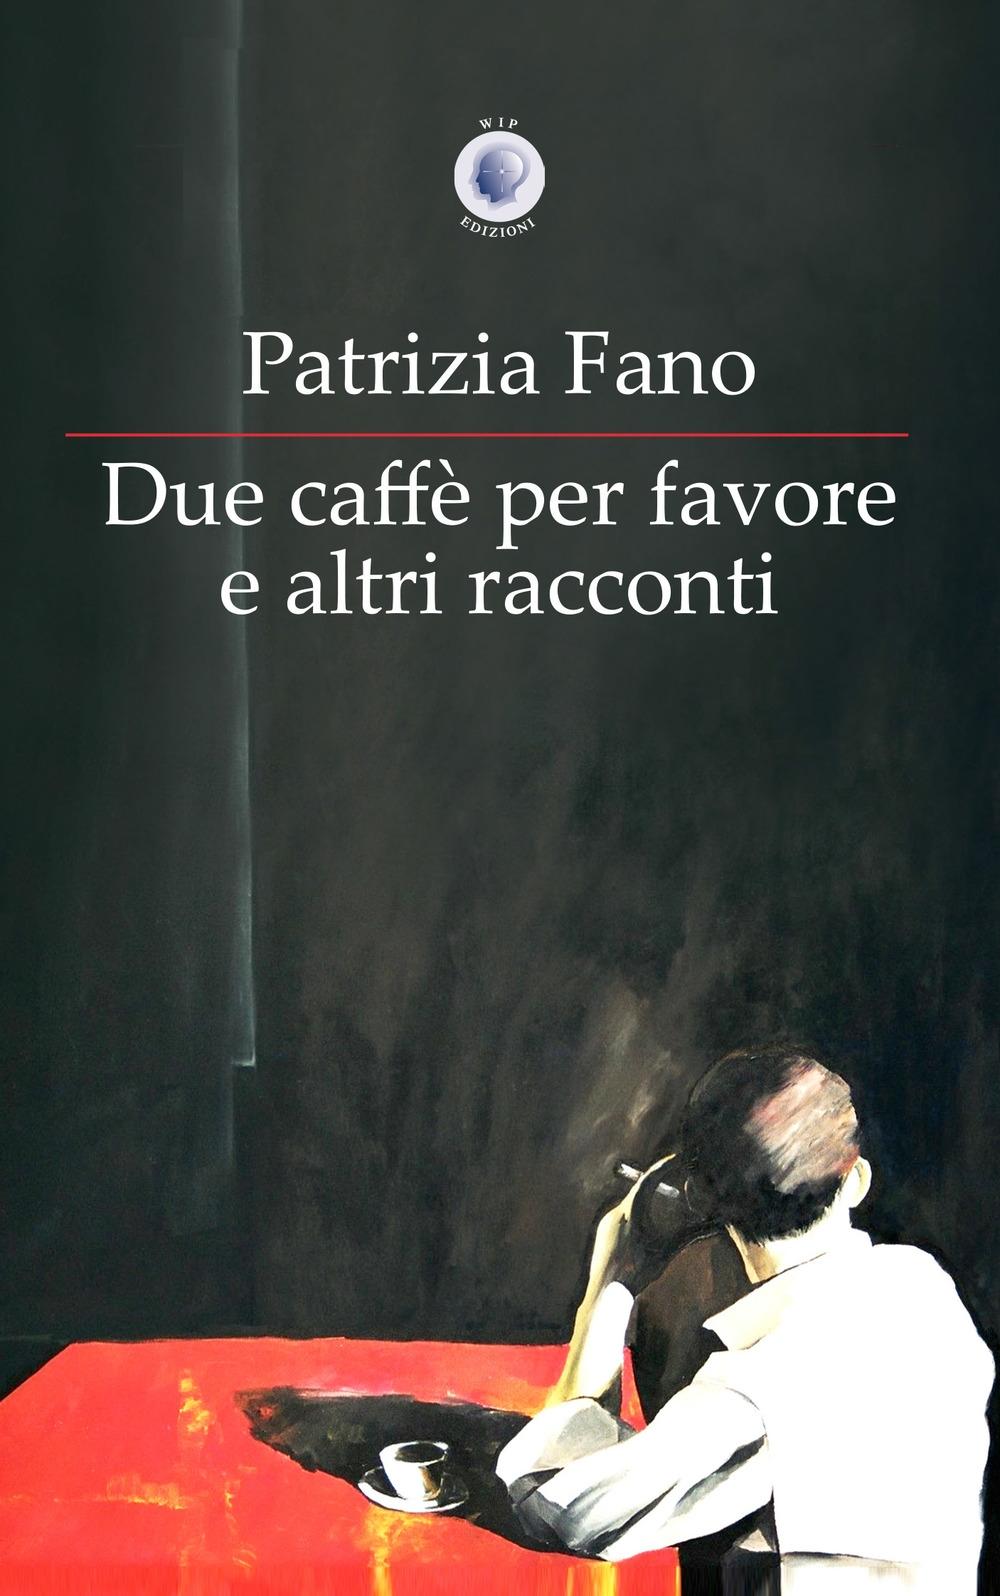 Due Caffe per Favore e altri Racconti